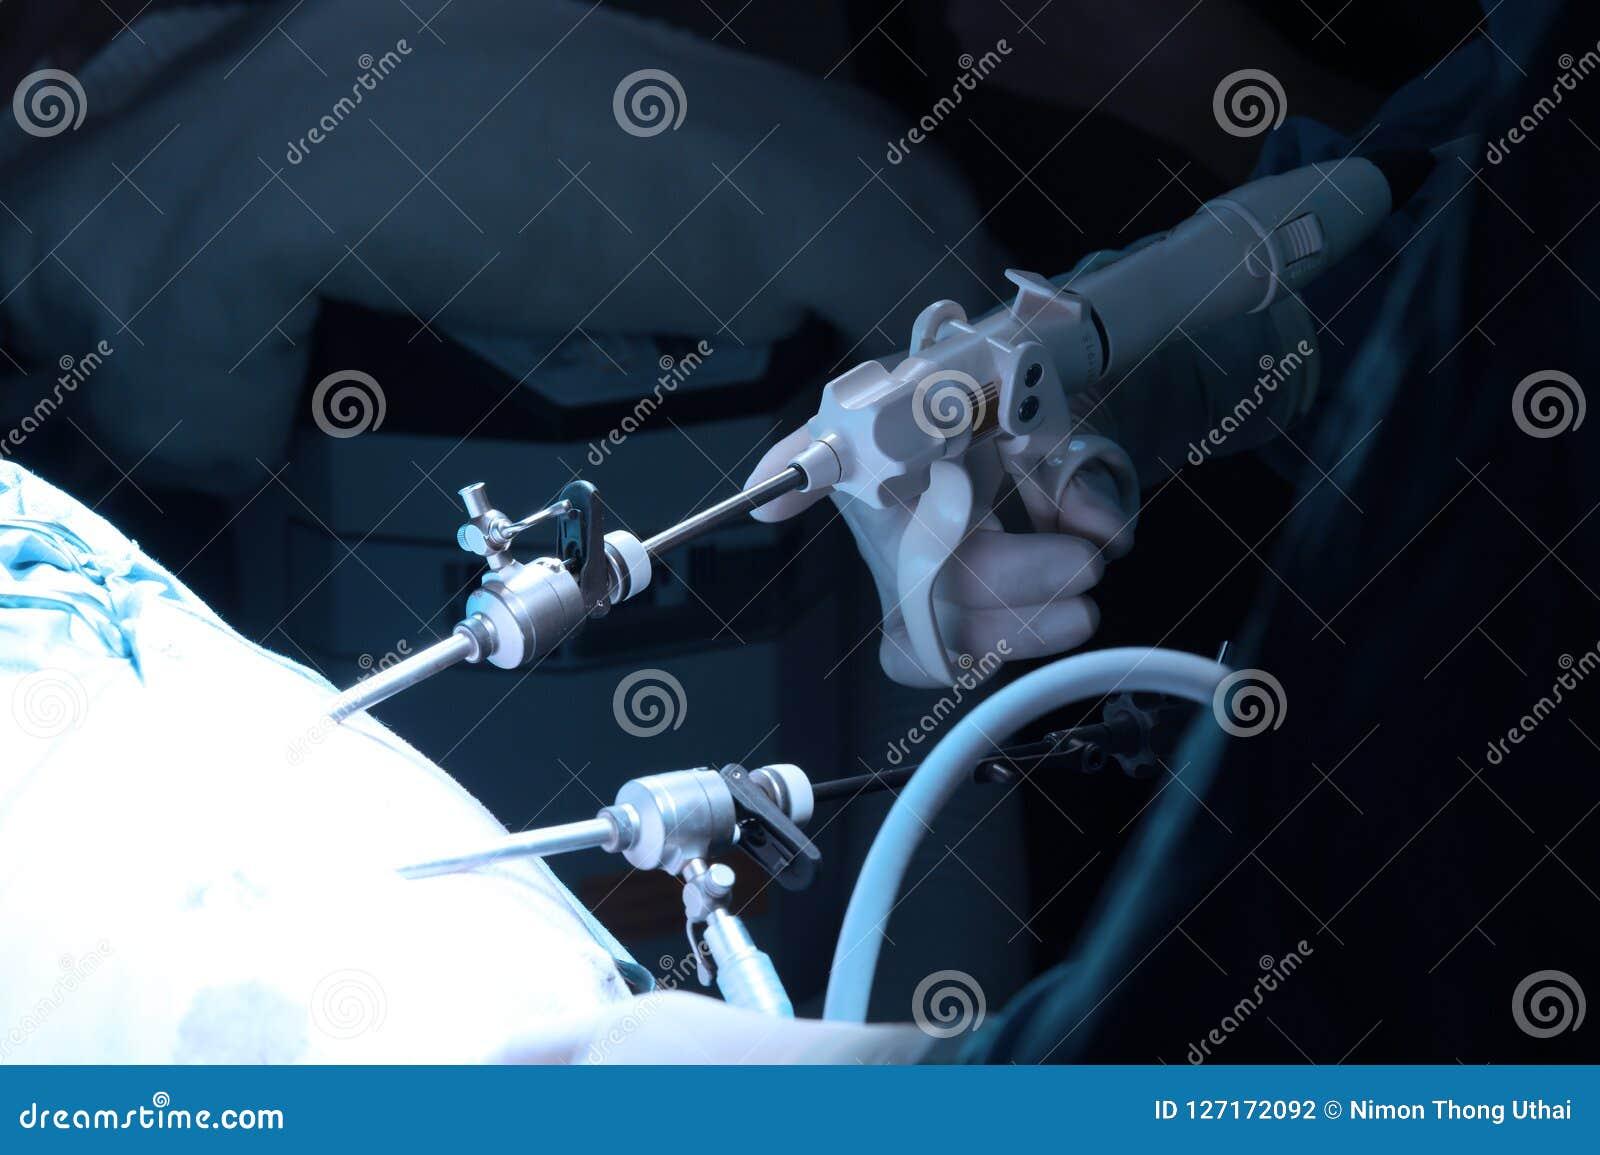 兽医腹腔镜外科的医生运转中室